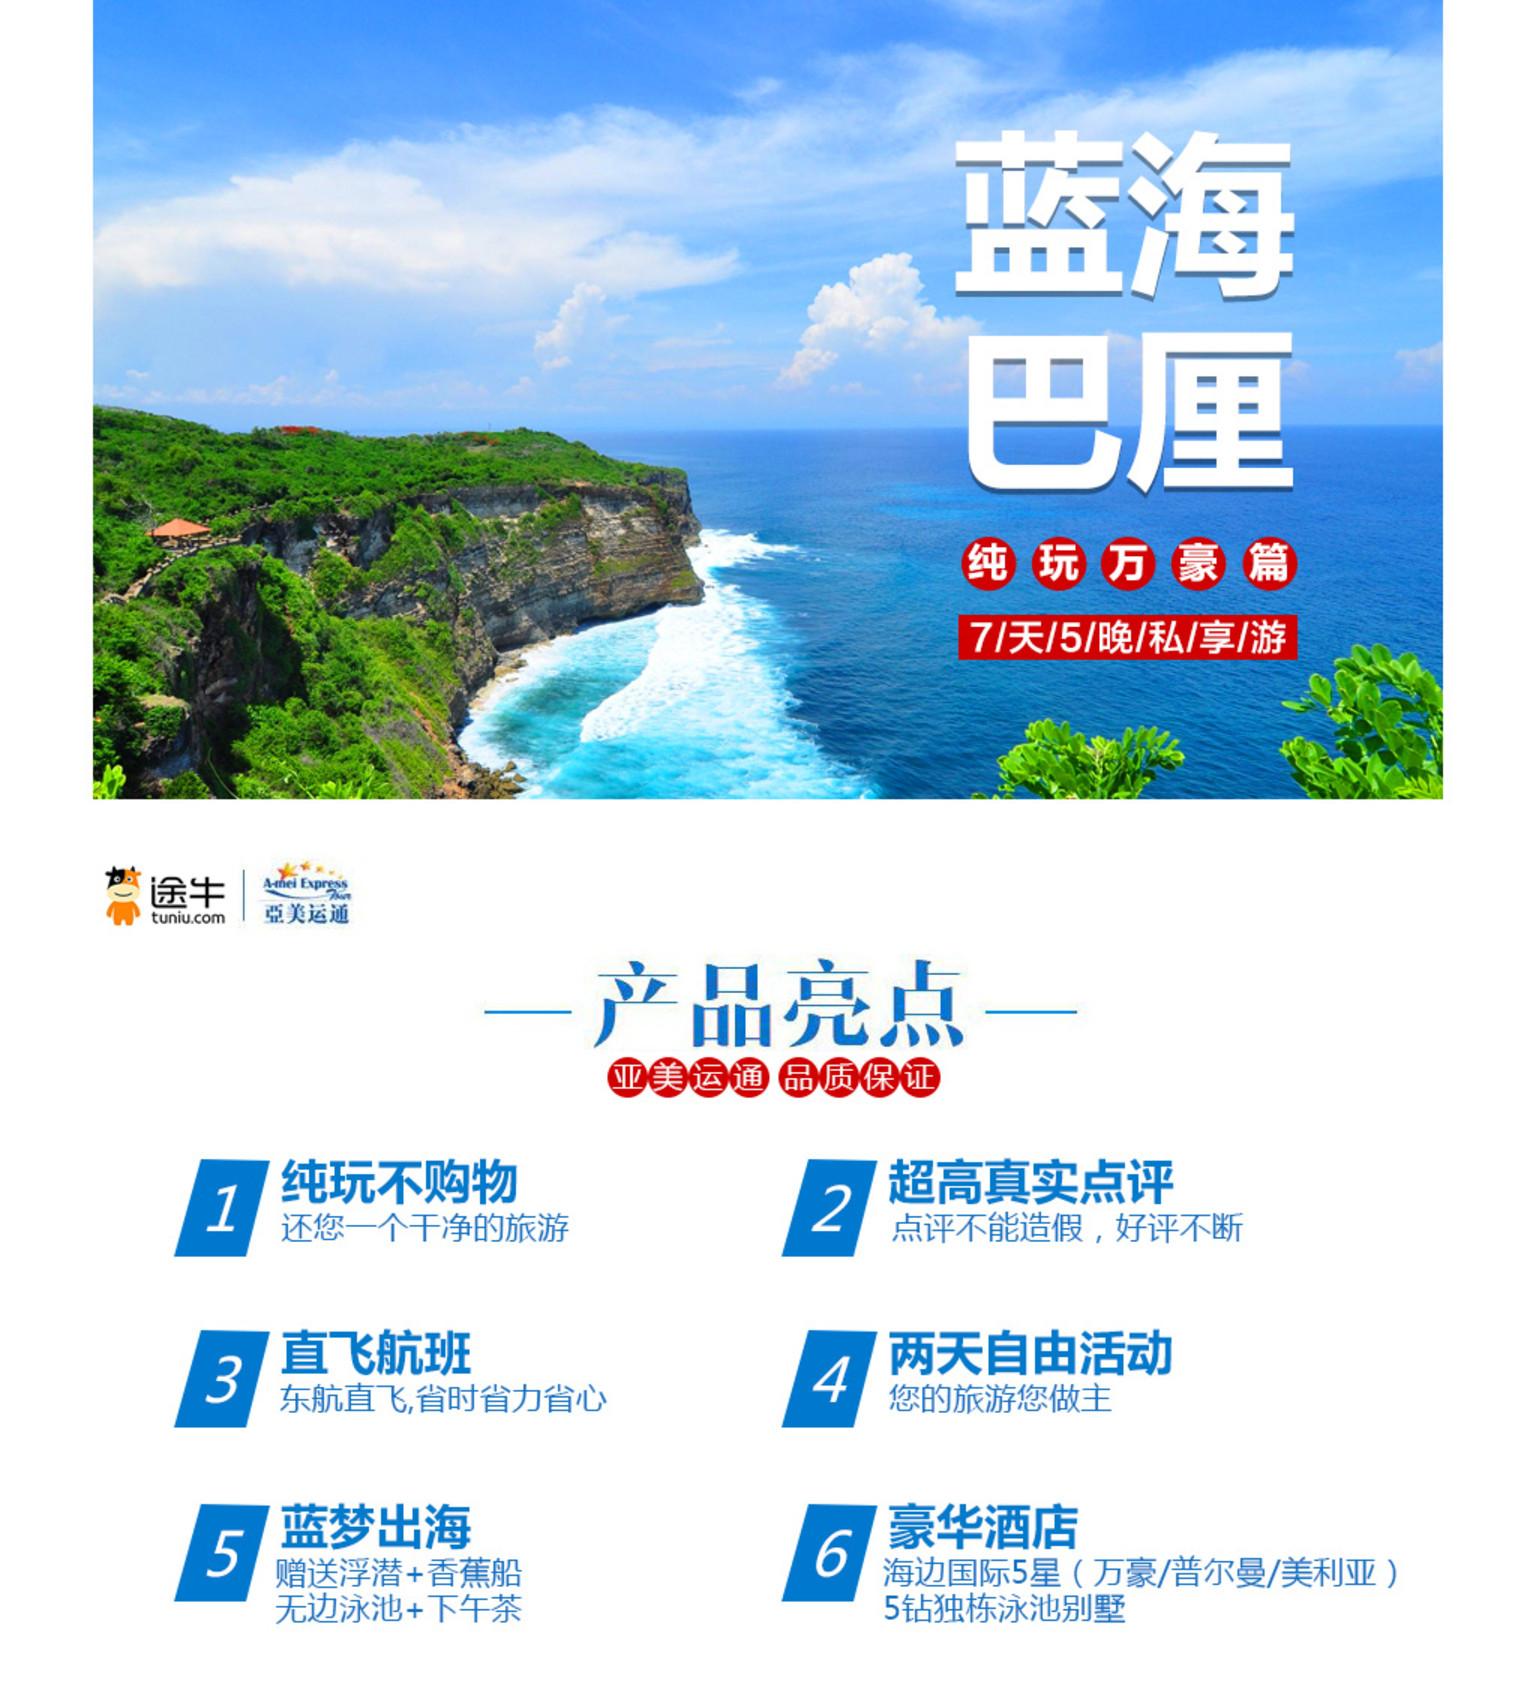 蓝梦岛&潘妮达出海离岛一日游 常用酒店介绍: 巴利岛万豪傲途格斯通